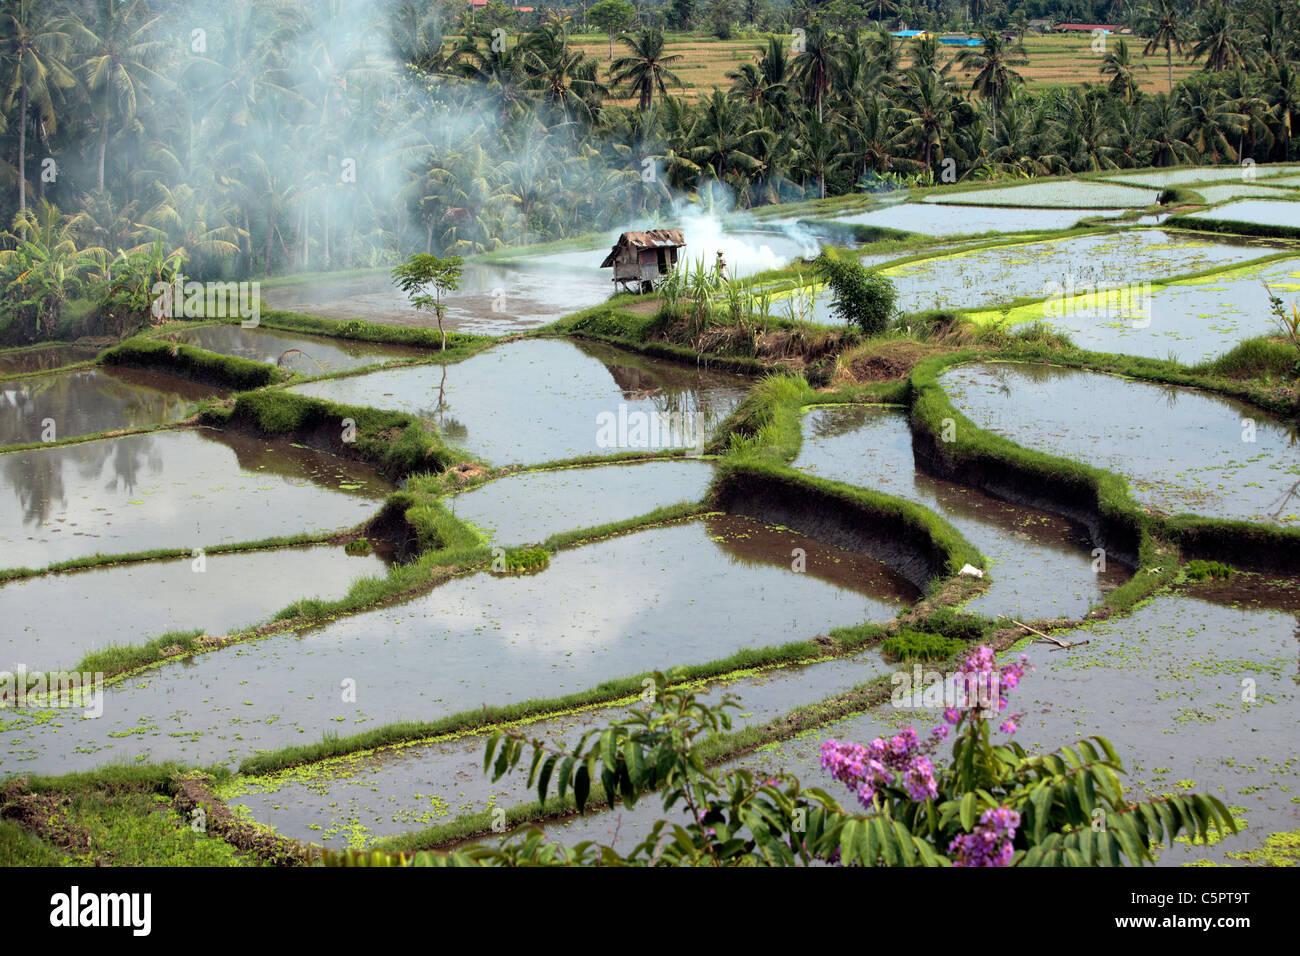 Bali, Indonesia - Stock Image